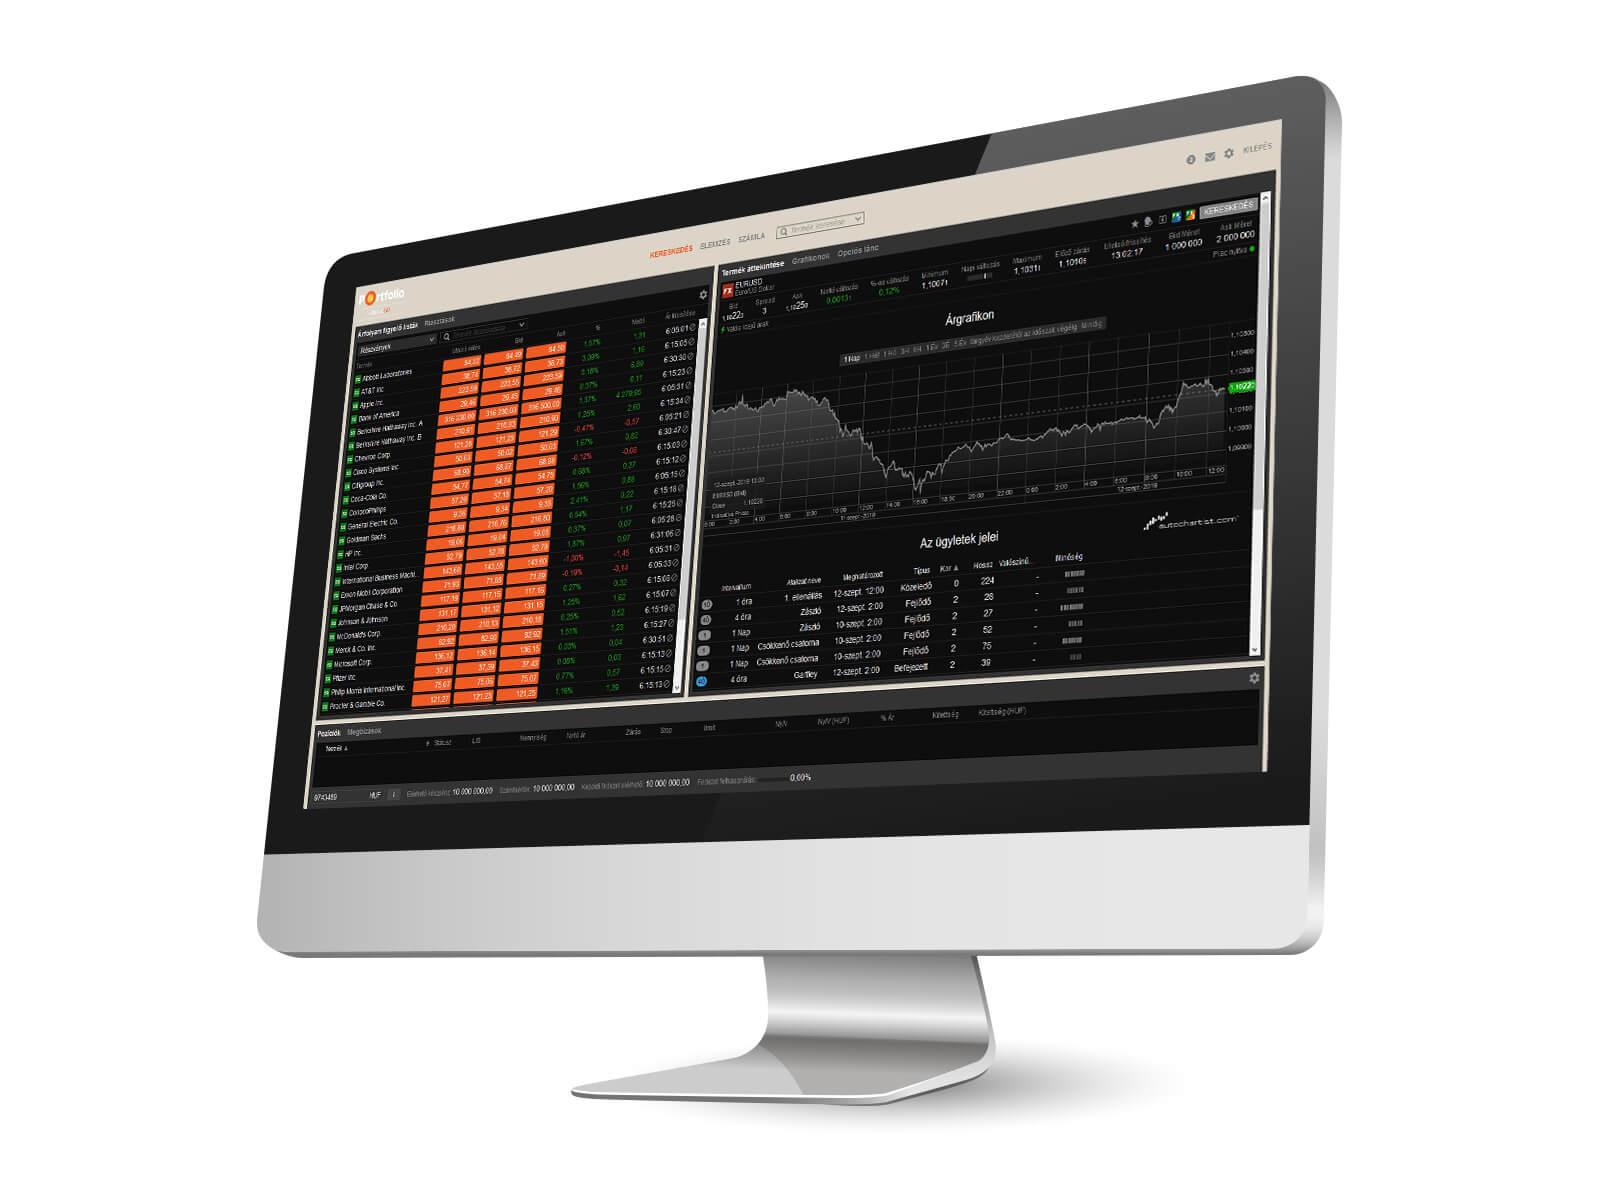 opciók a legjobb keresetek bika és medve piac bináris opciók